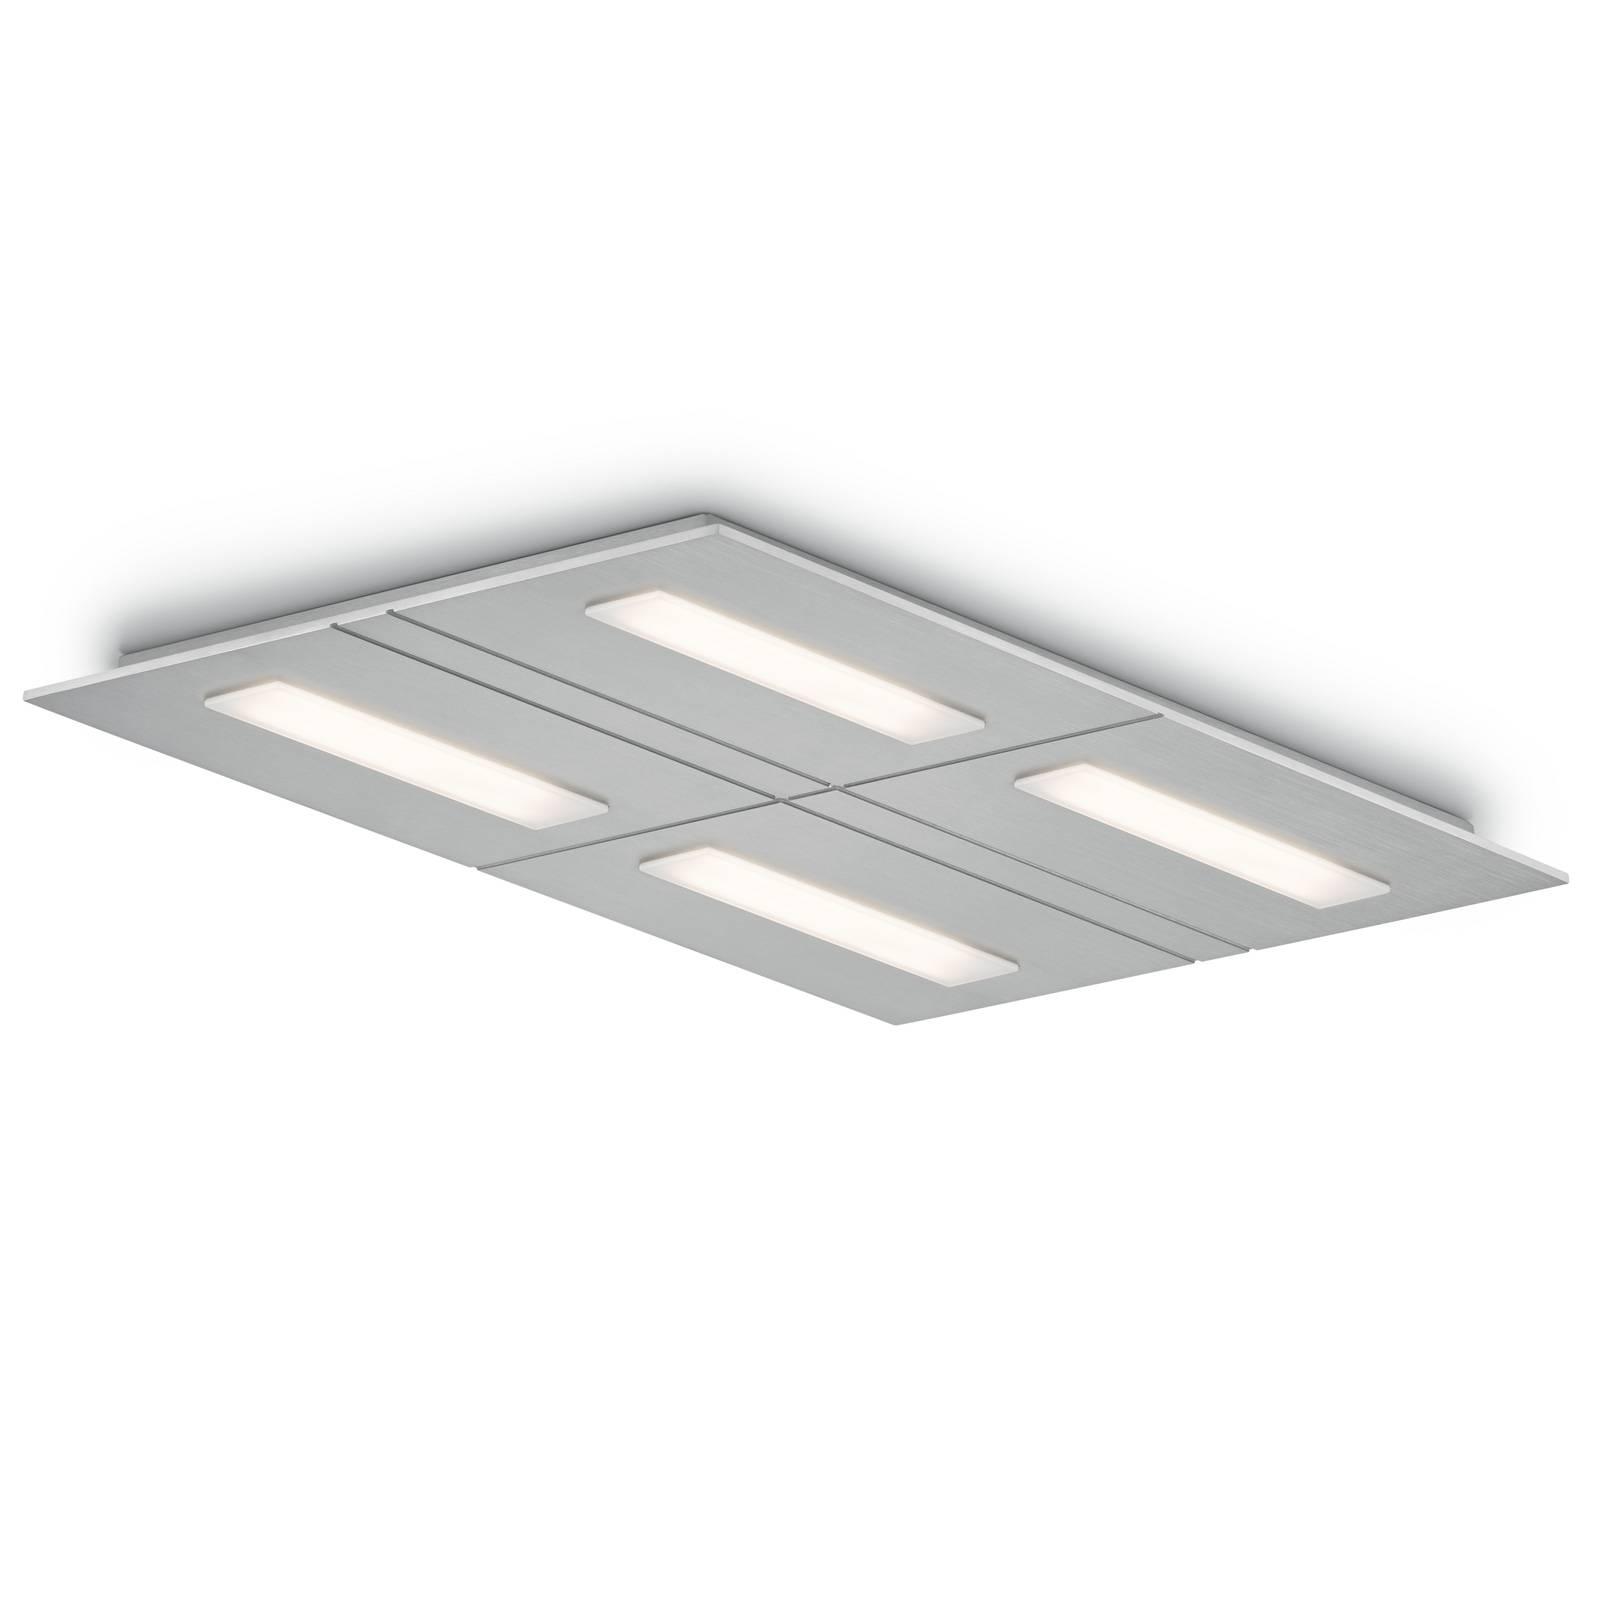 LED-kattovalaisin Sina-4, dim-to-warm 4-lamppuinen